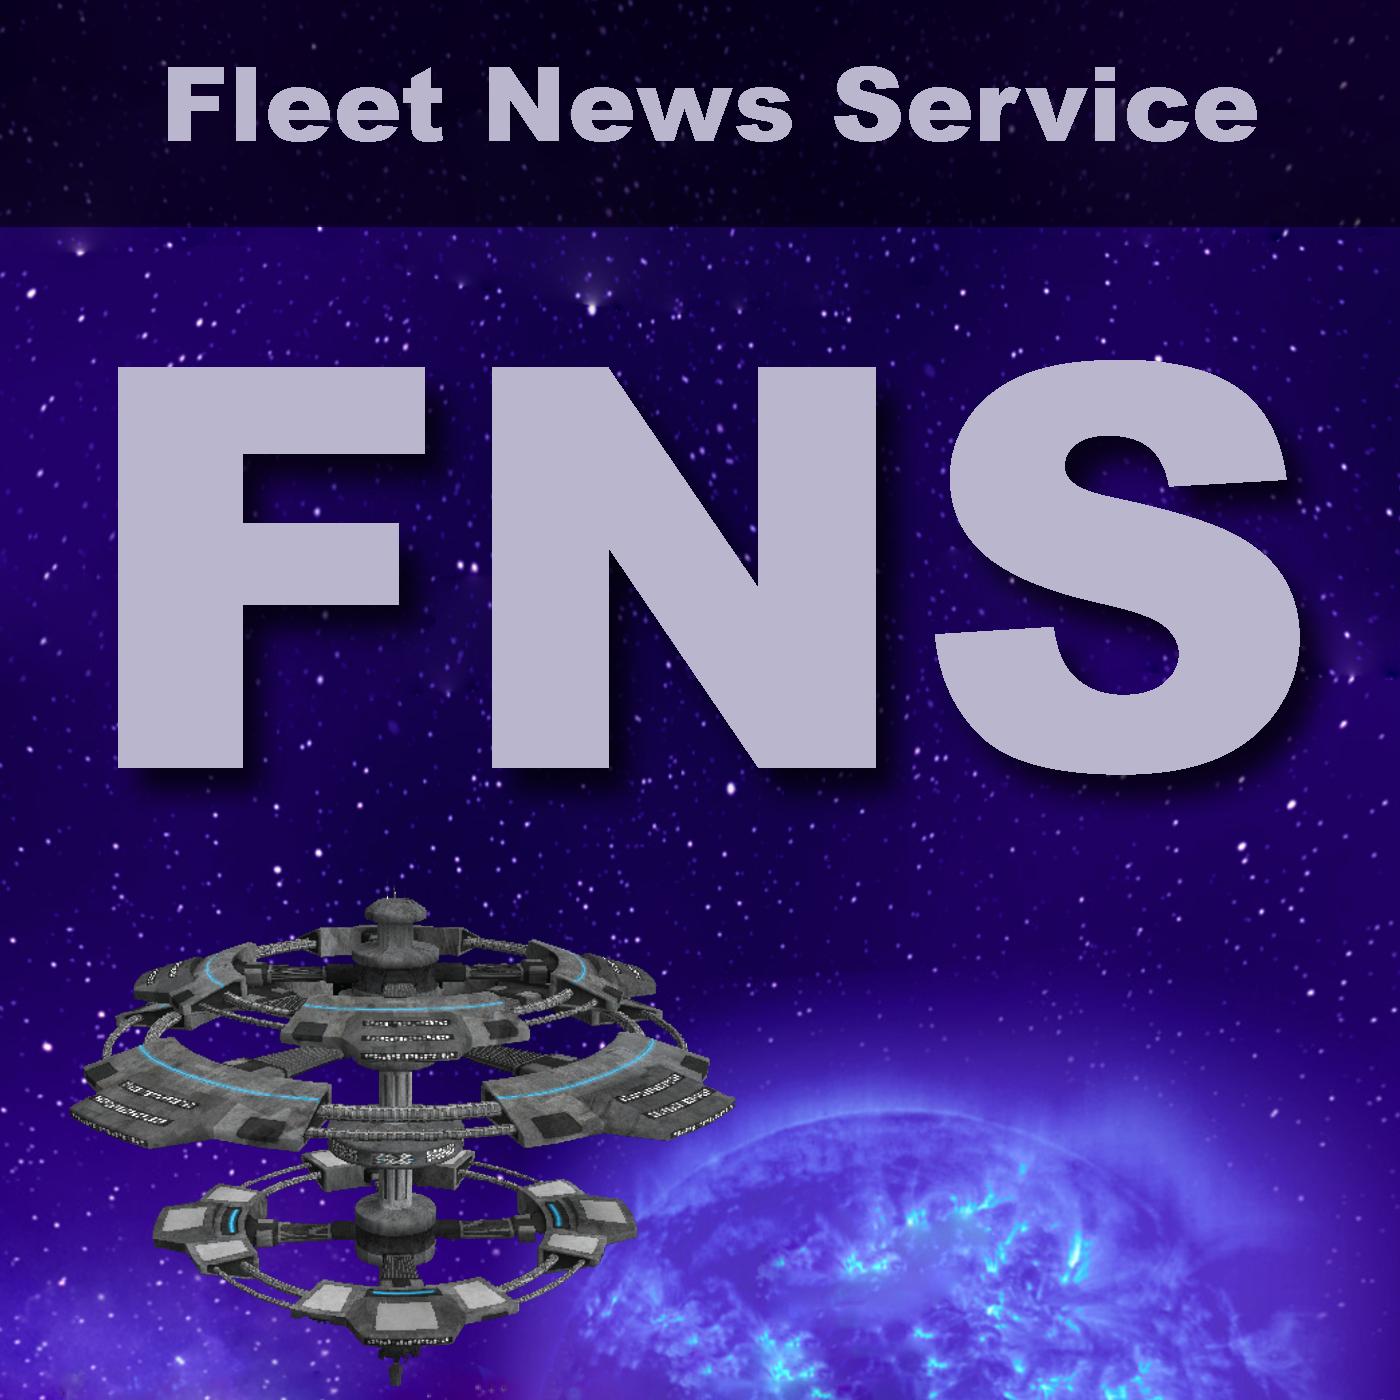 Fleet News Service